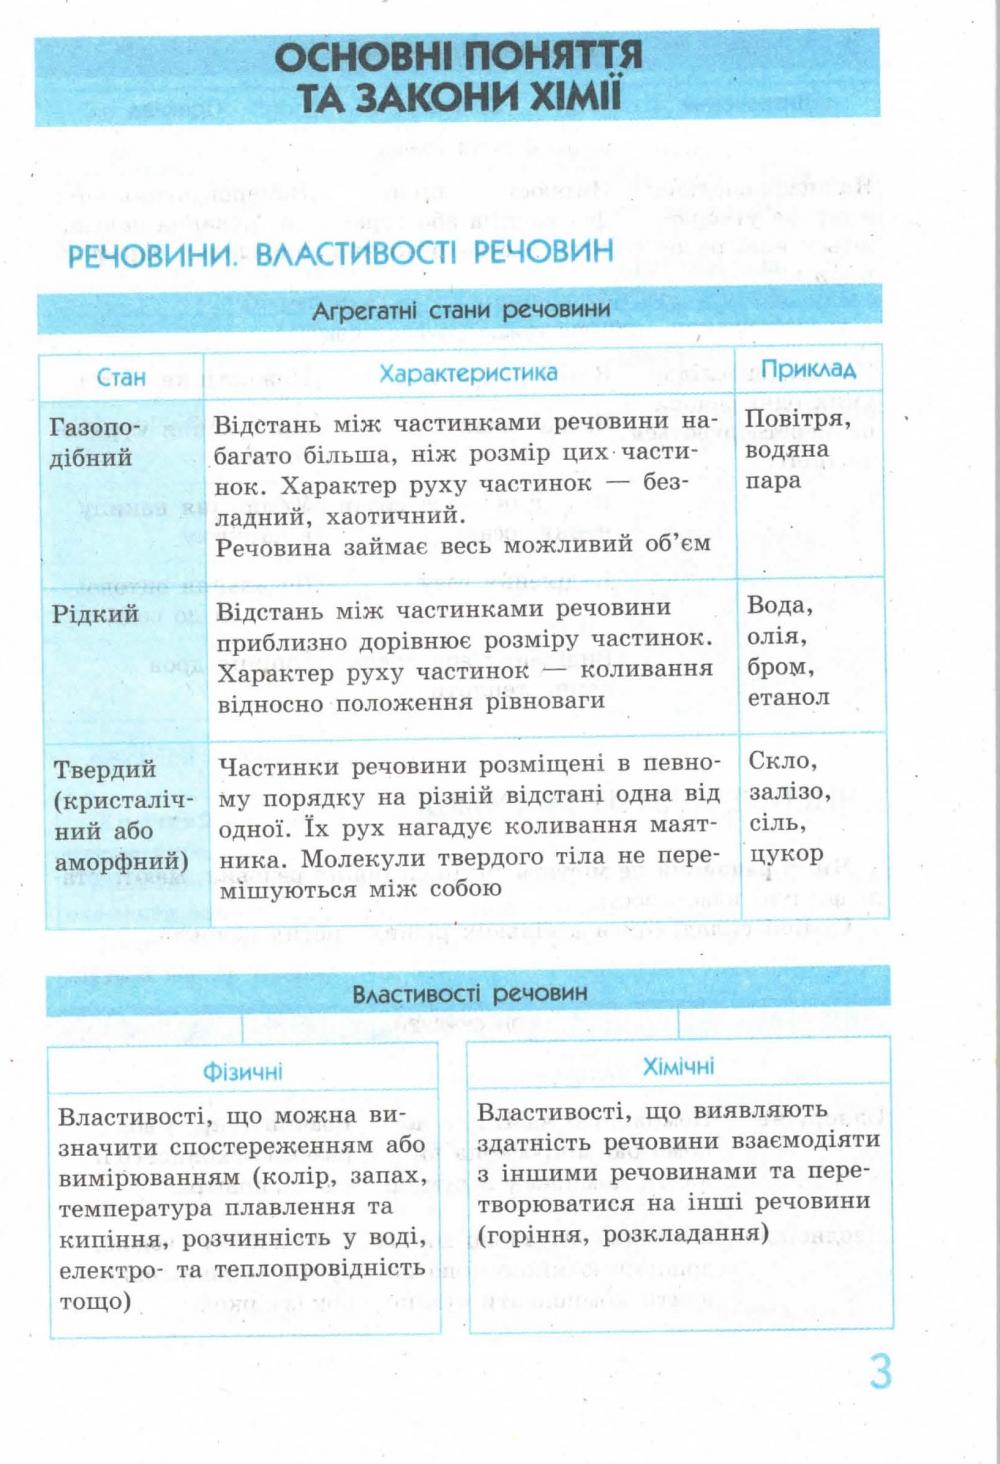 Хімія у таблицях і схемах для учнів 7—11 класів та абітурієнтів. Серiя